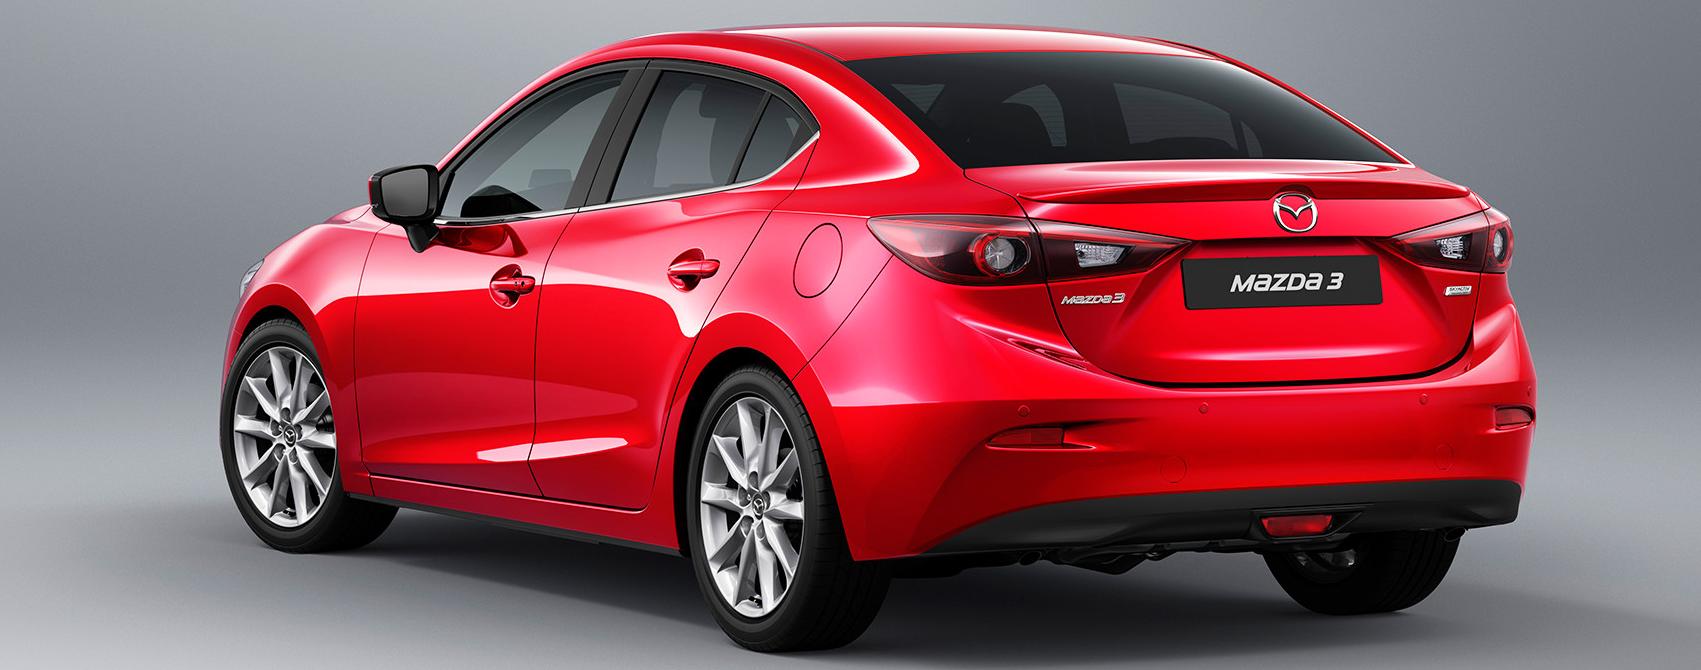 Lateral Mazda 3 sporsedan